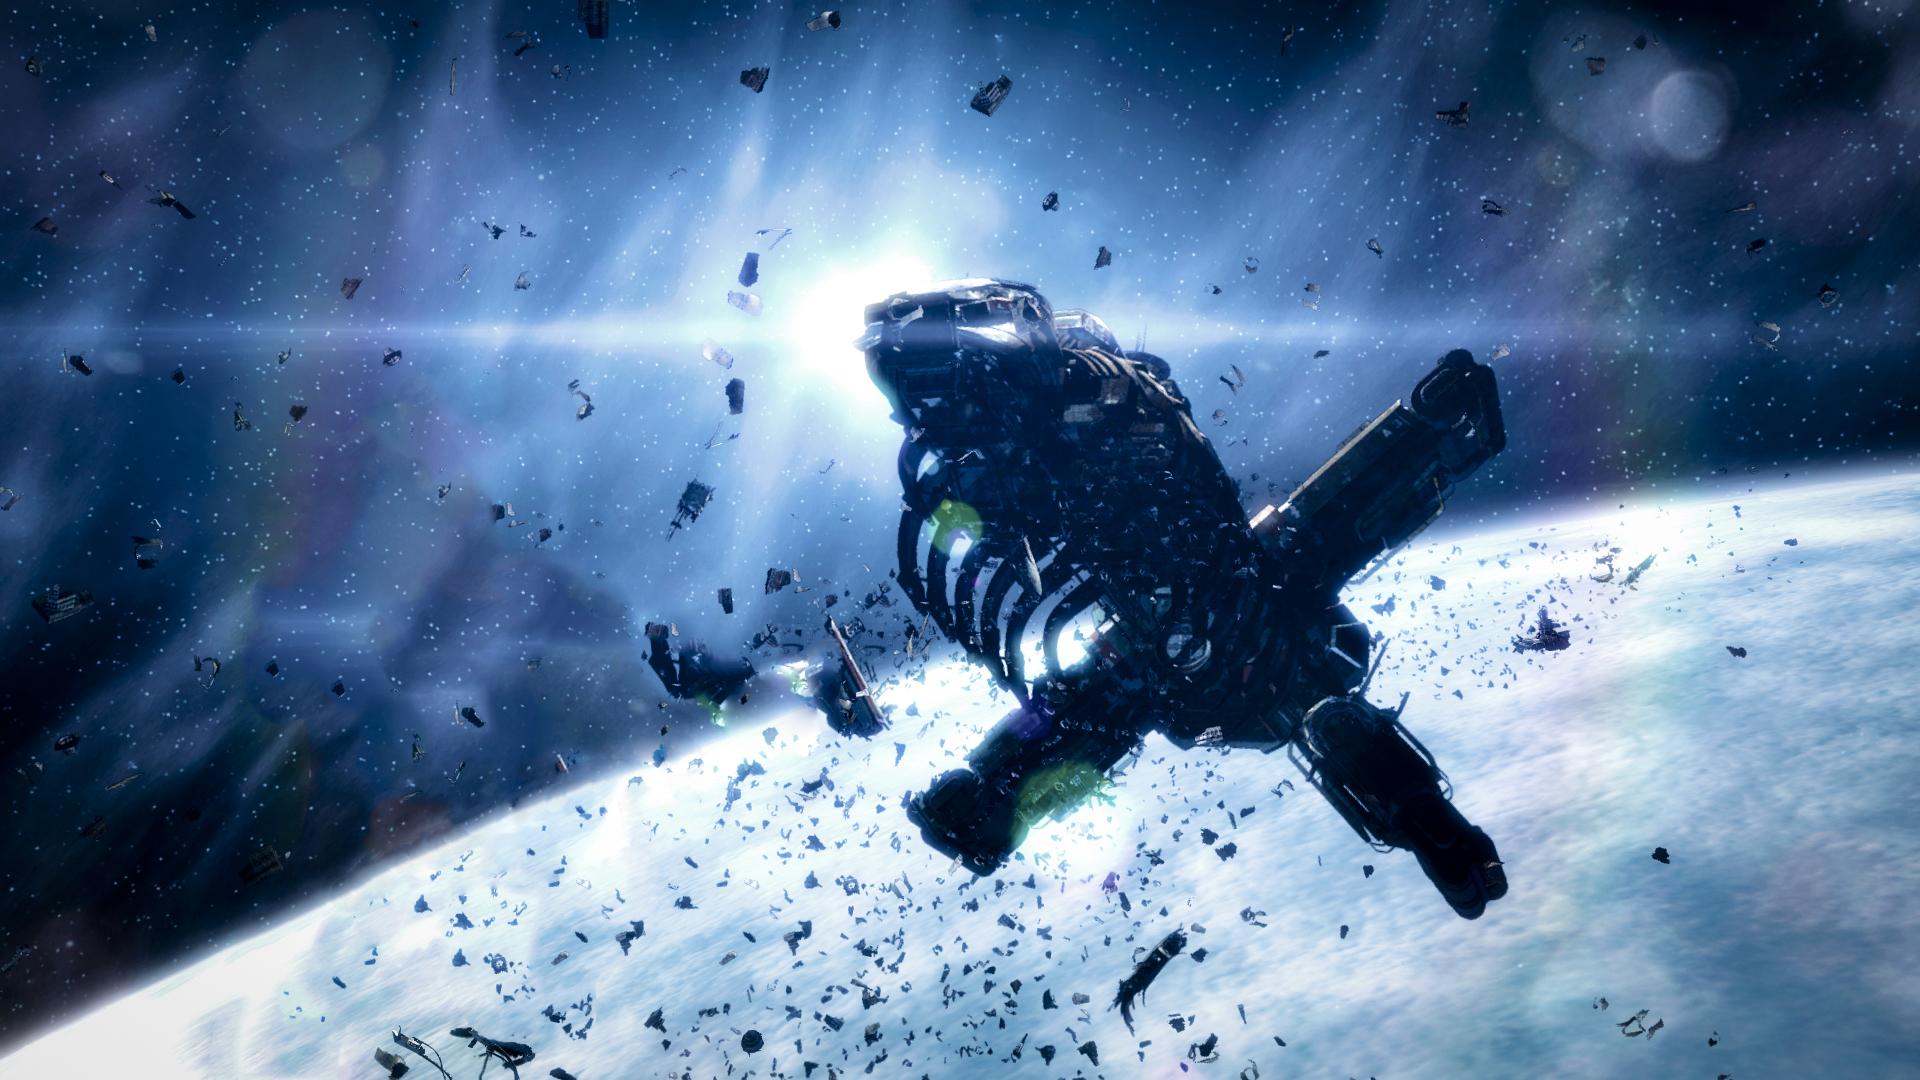 Dead Space 3 wallpaper   1245100 1920x1080